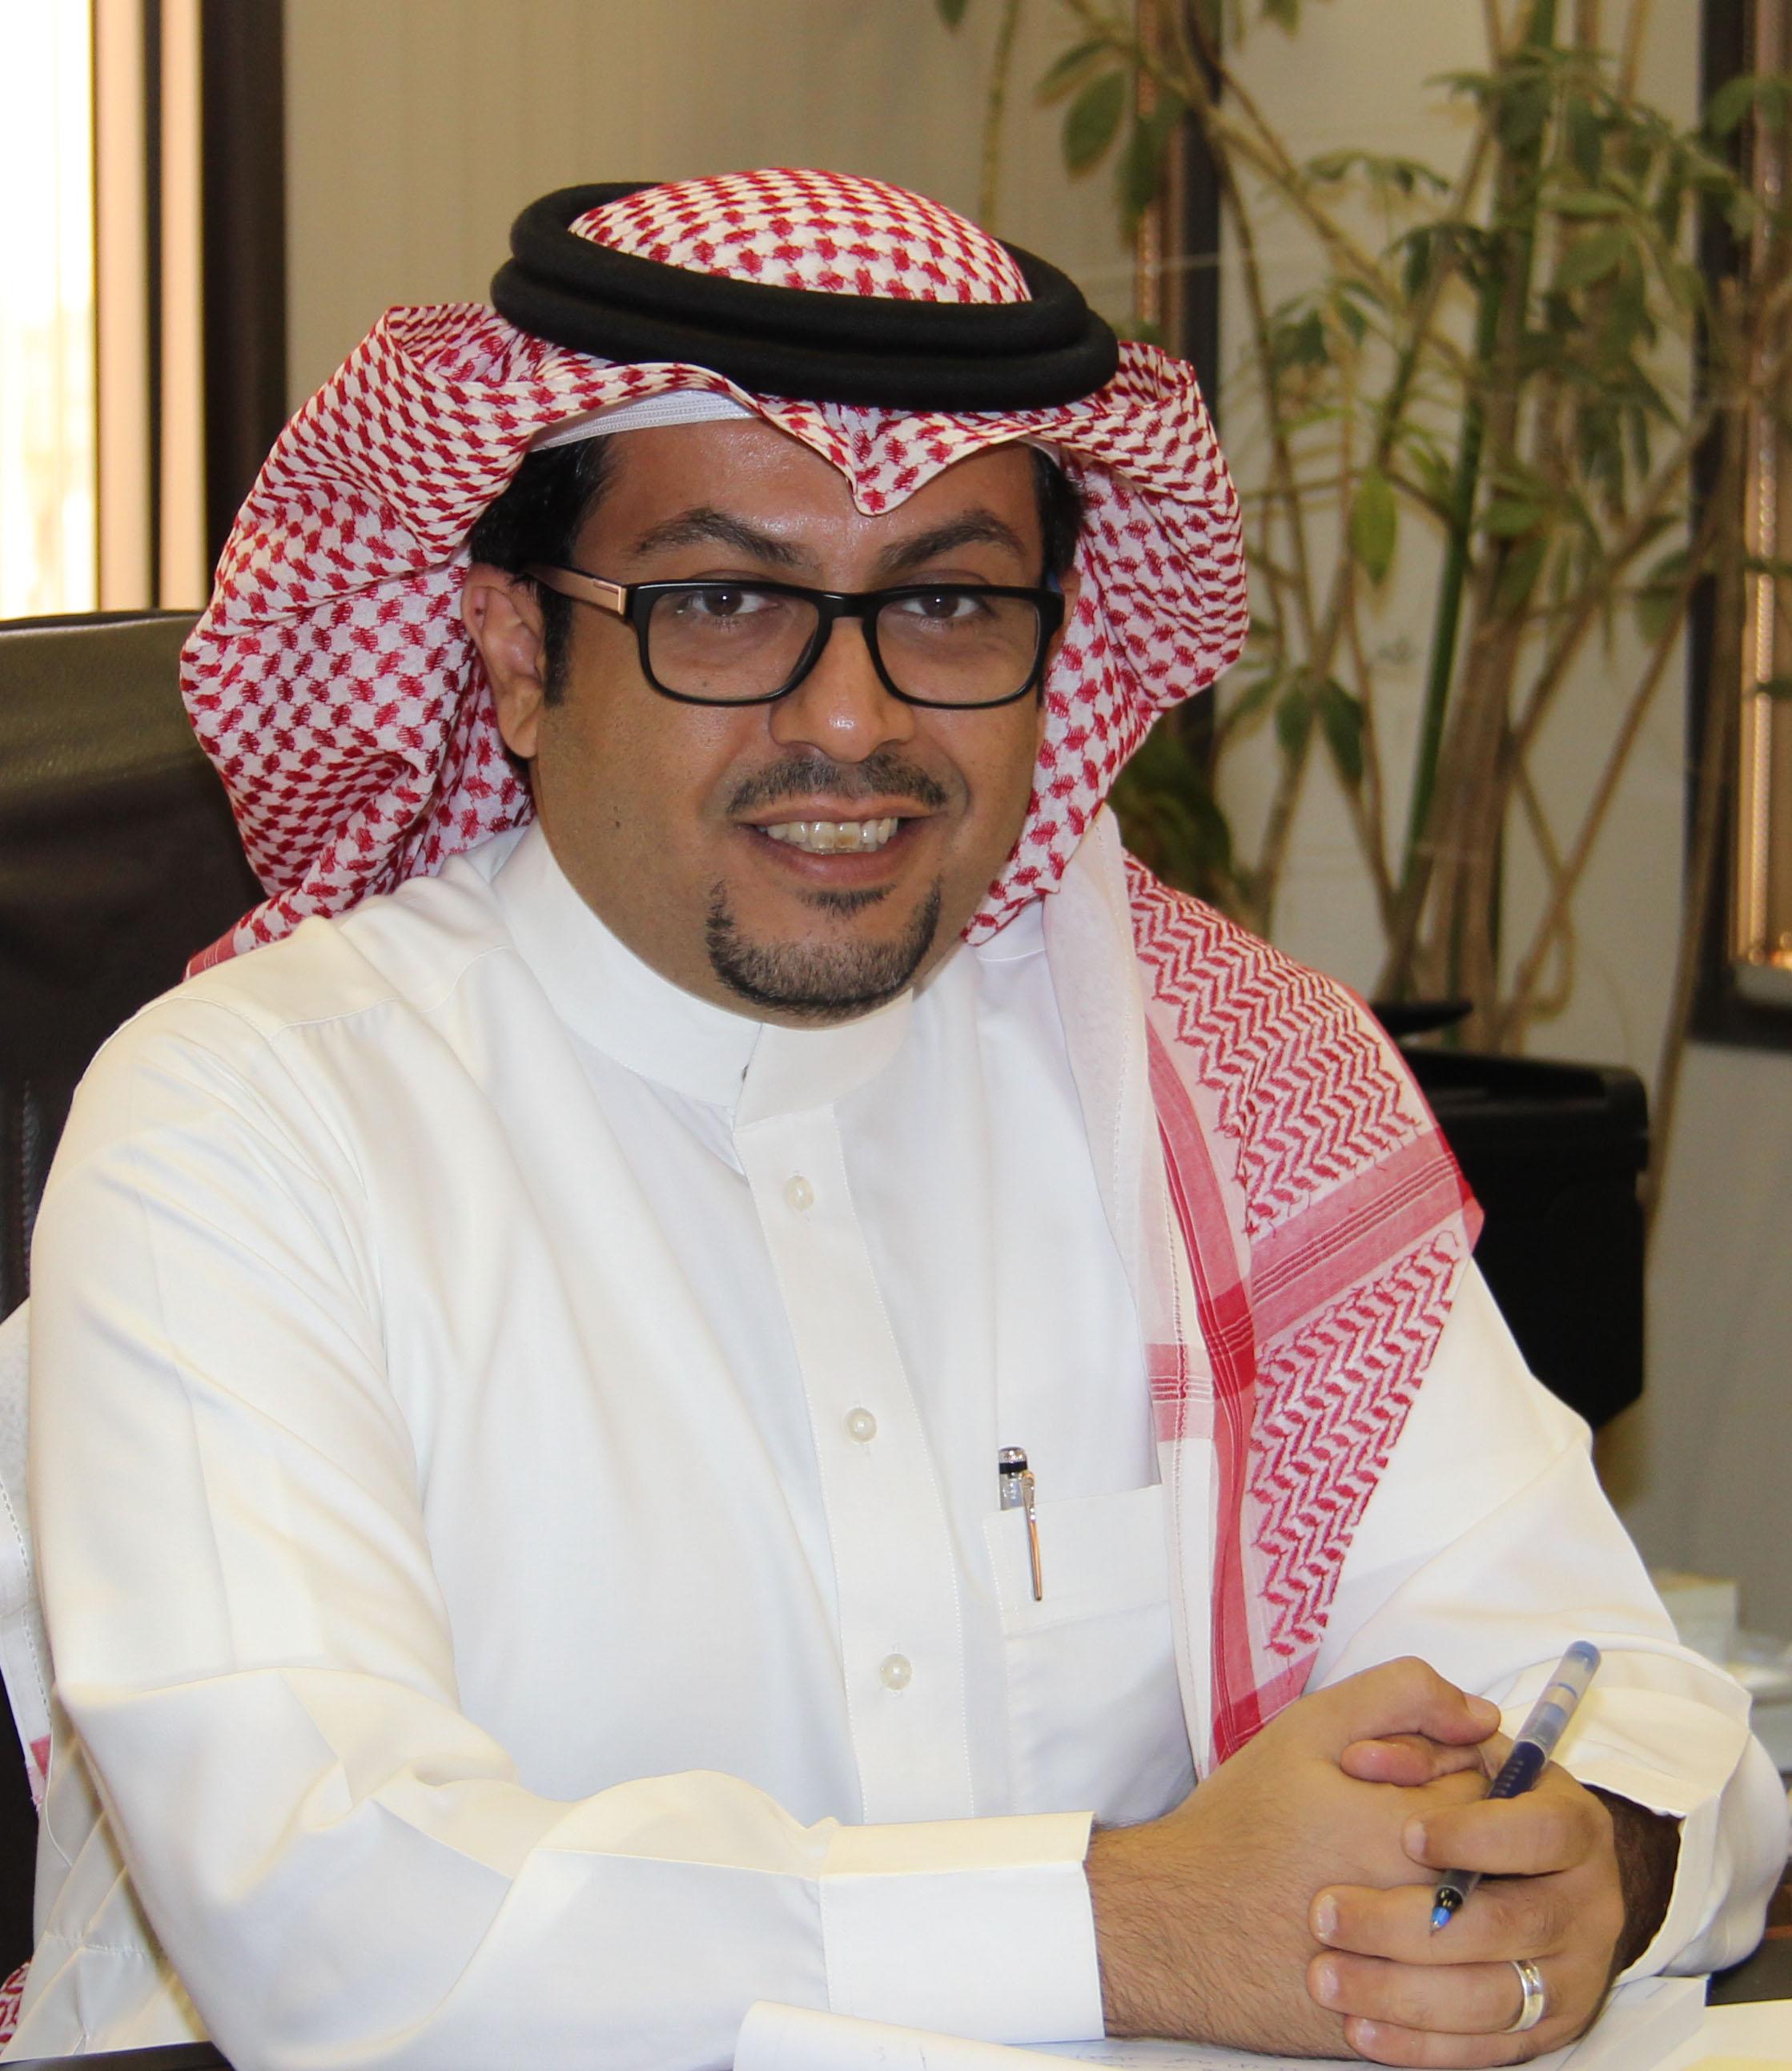 النامي مديراً لإدارة التشغيل والصيانة للطلاب